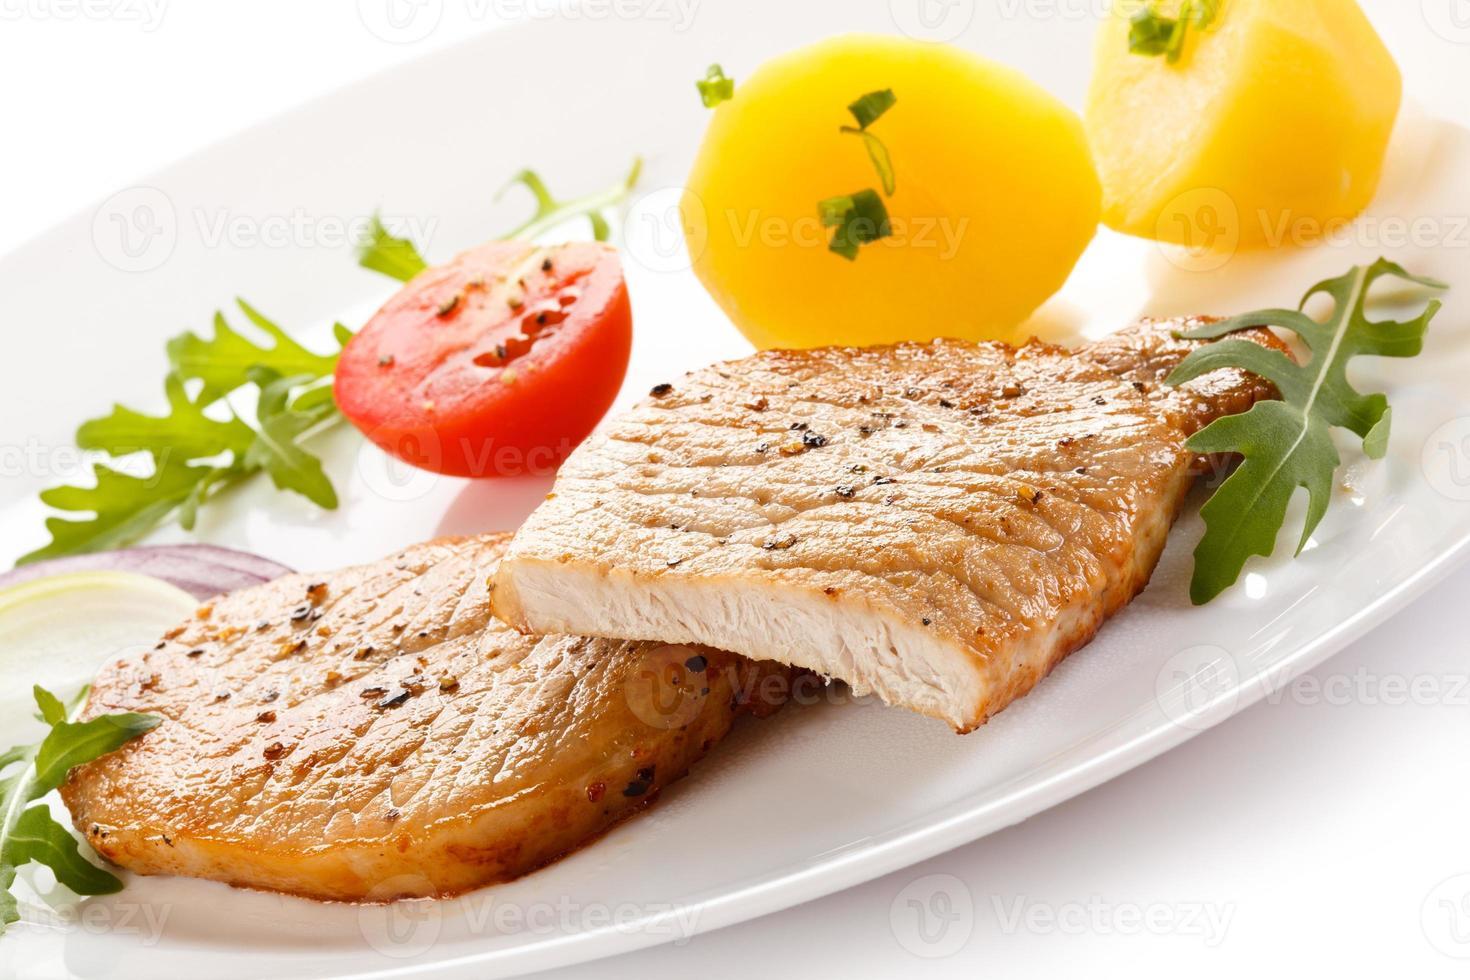 bistecca alla griglia e verdure su sfondo bianco foto